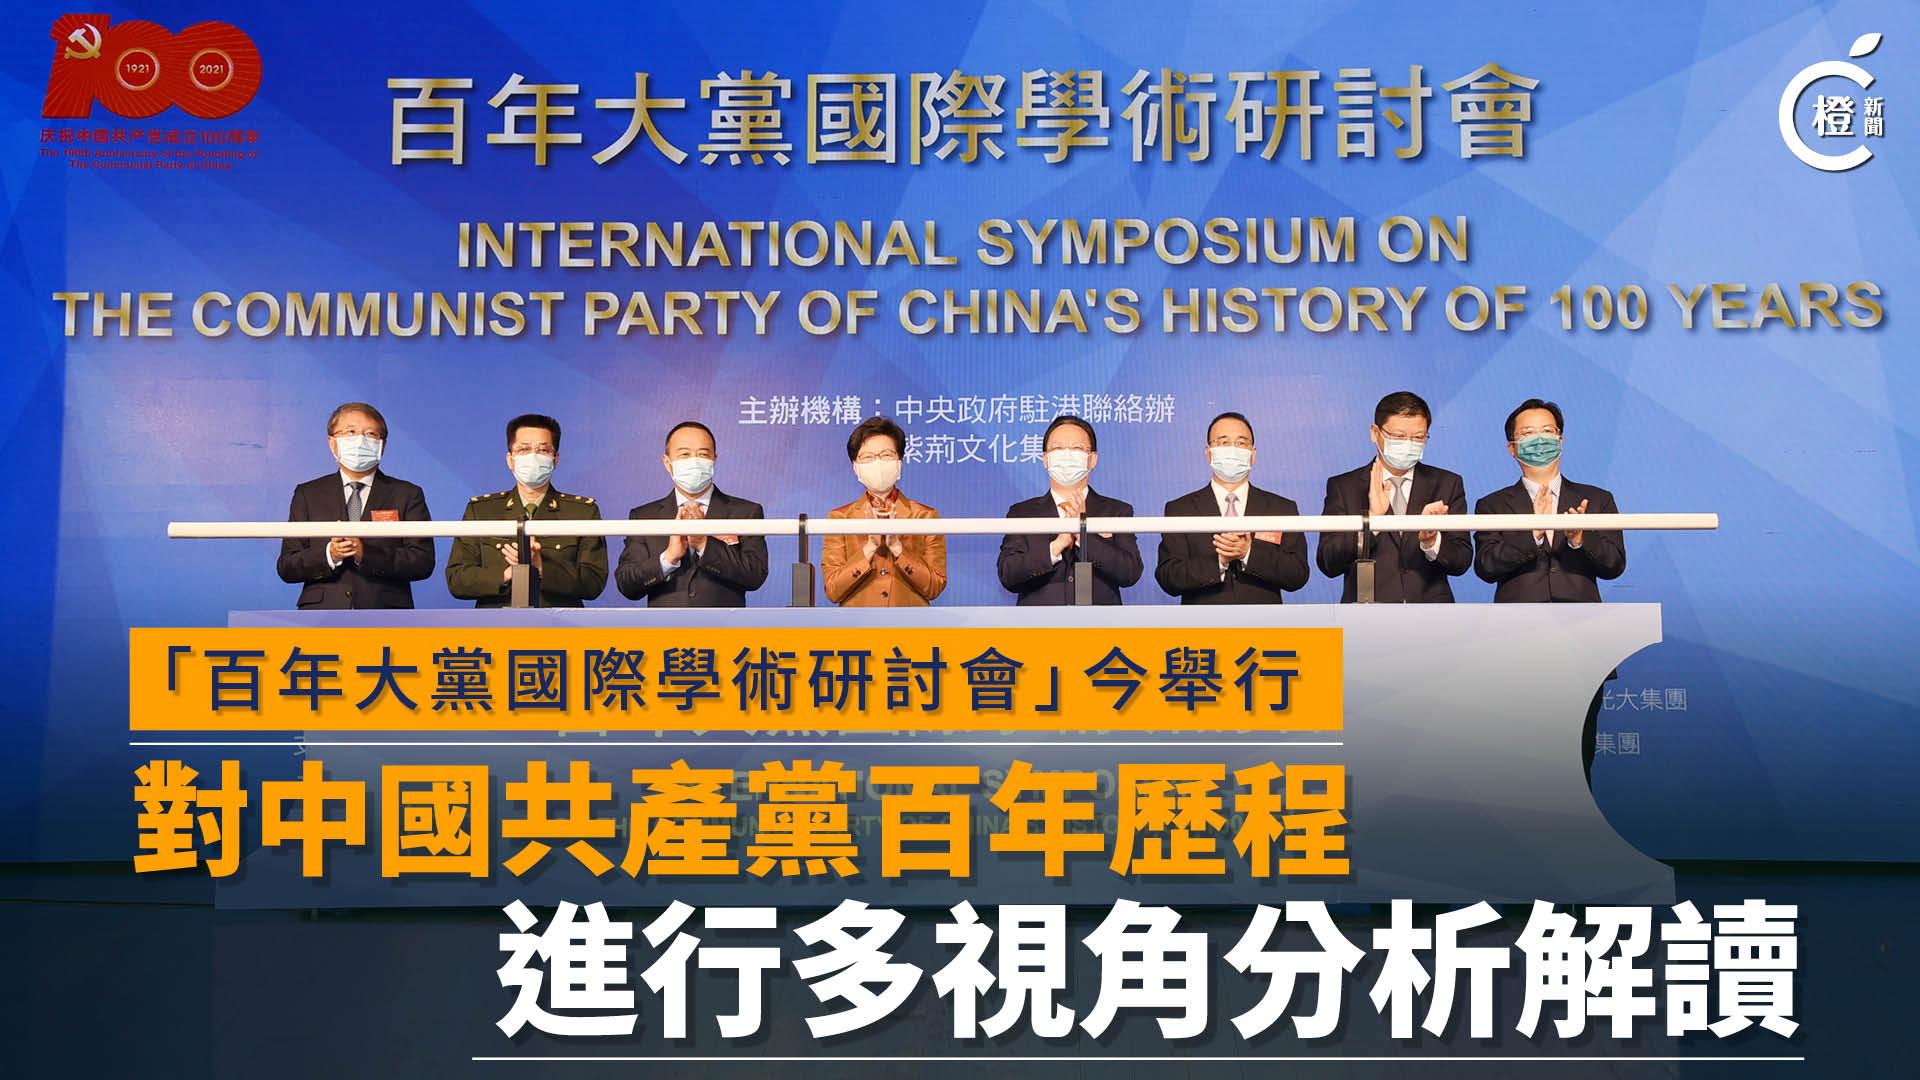 【一圖睇晒】「百年大黨國際學術研討會」今舉行 對中共百年歷程進行多角度解讀